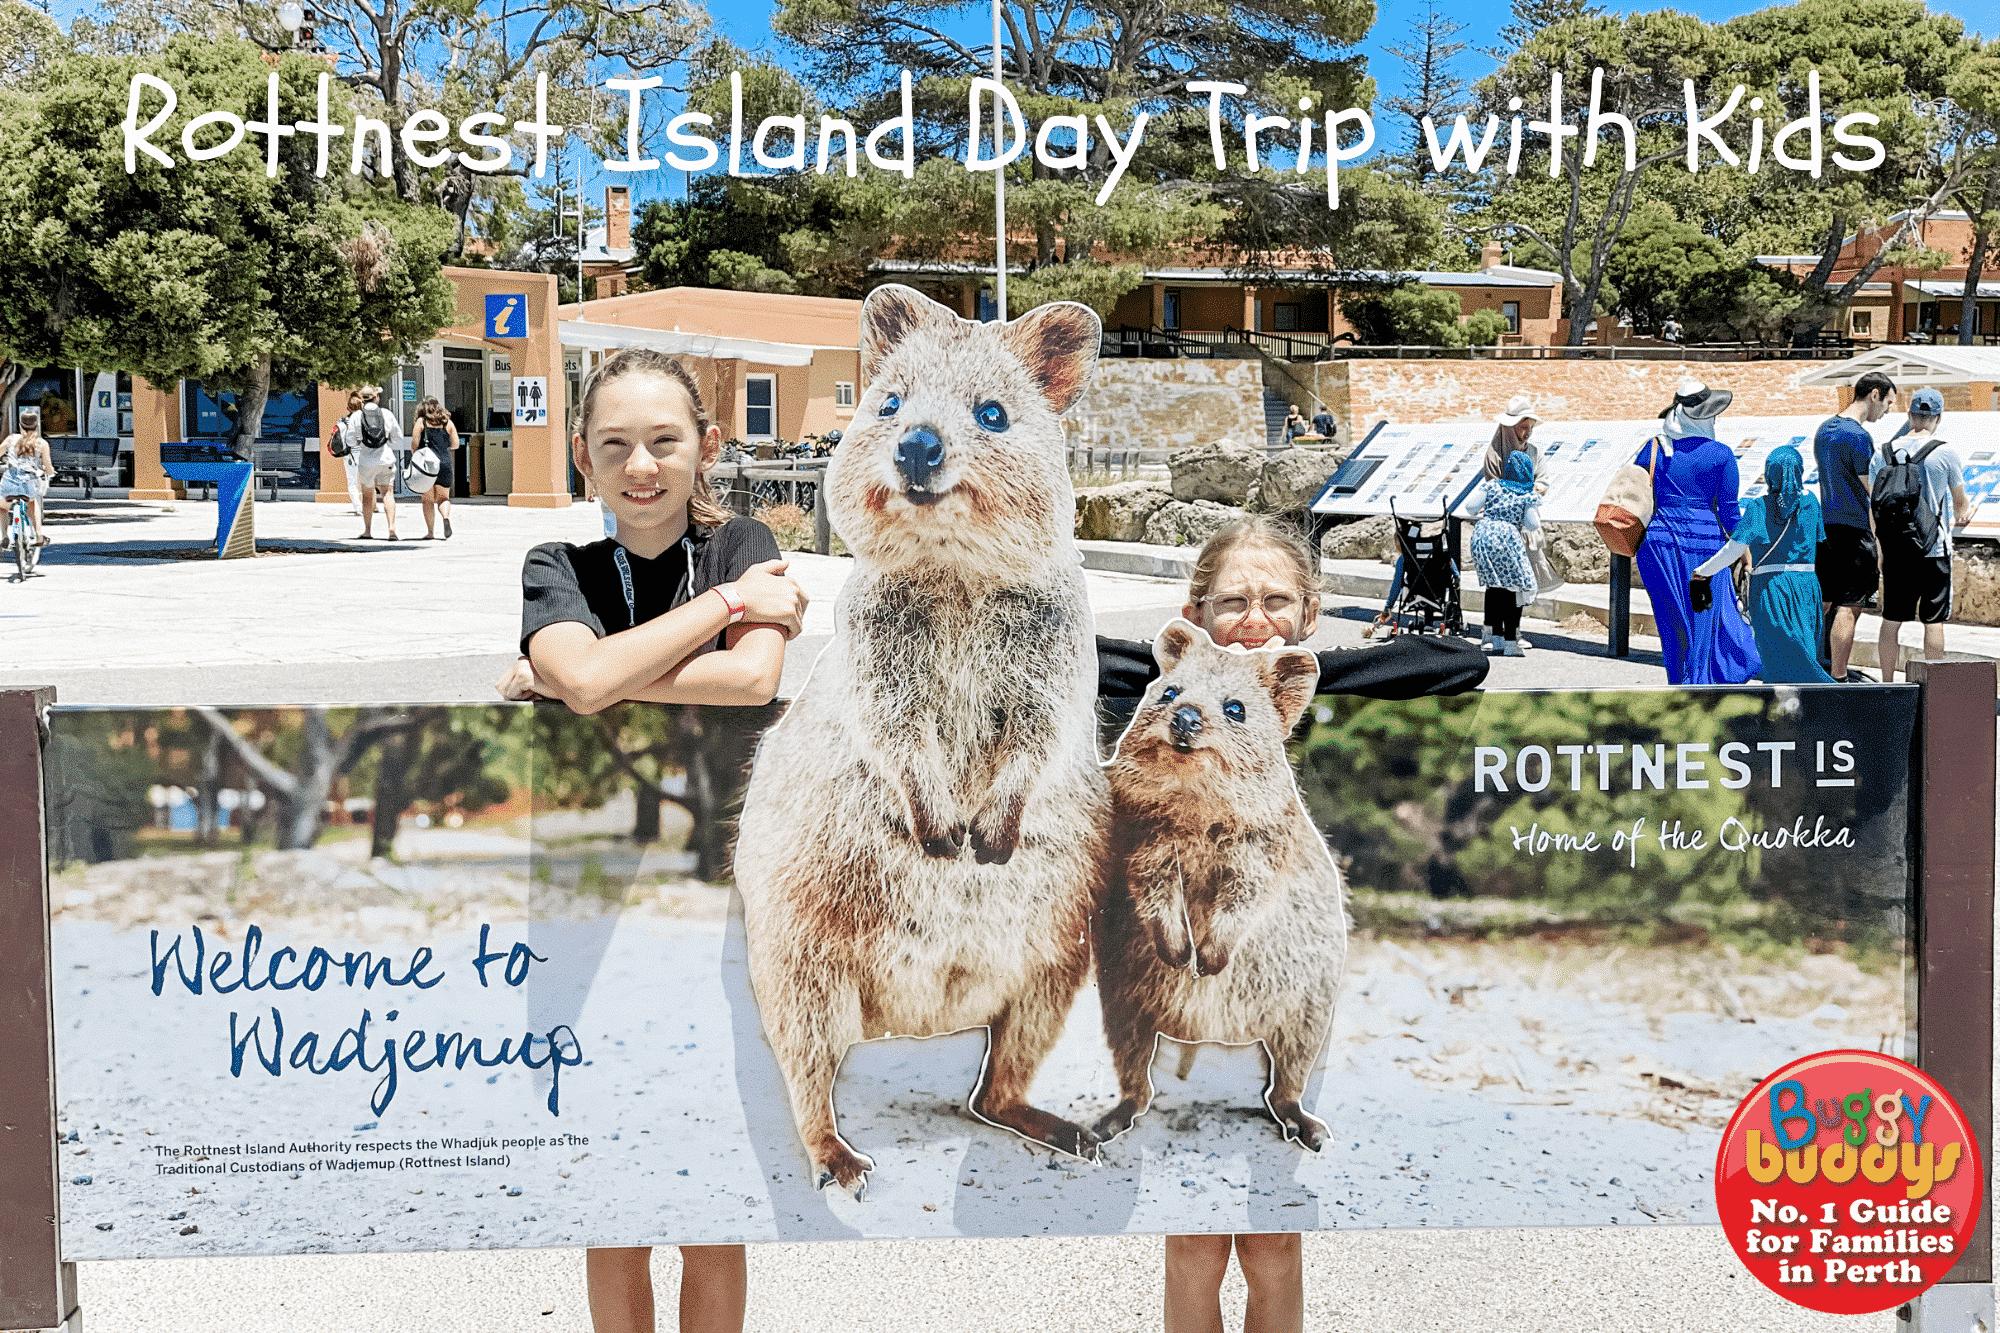 ROTTNEST ISLAND DAY TRIP WITH KIDS